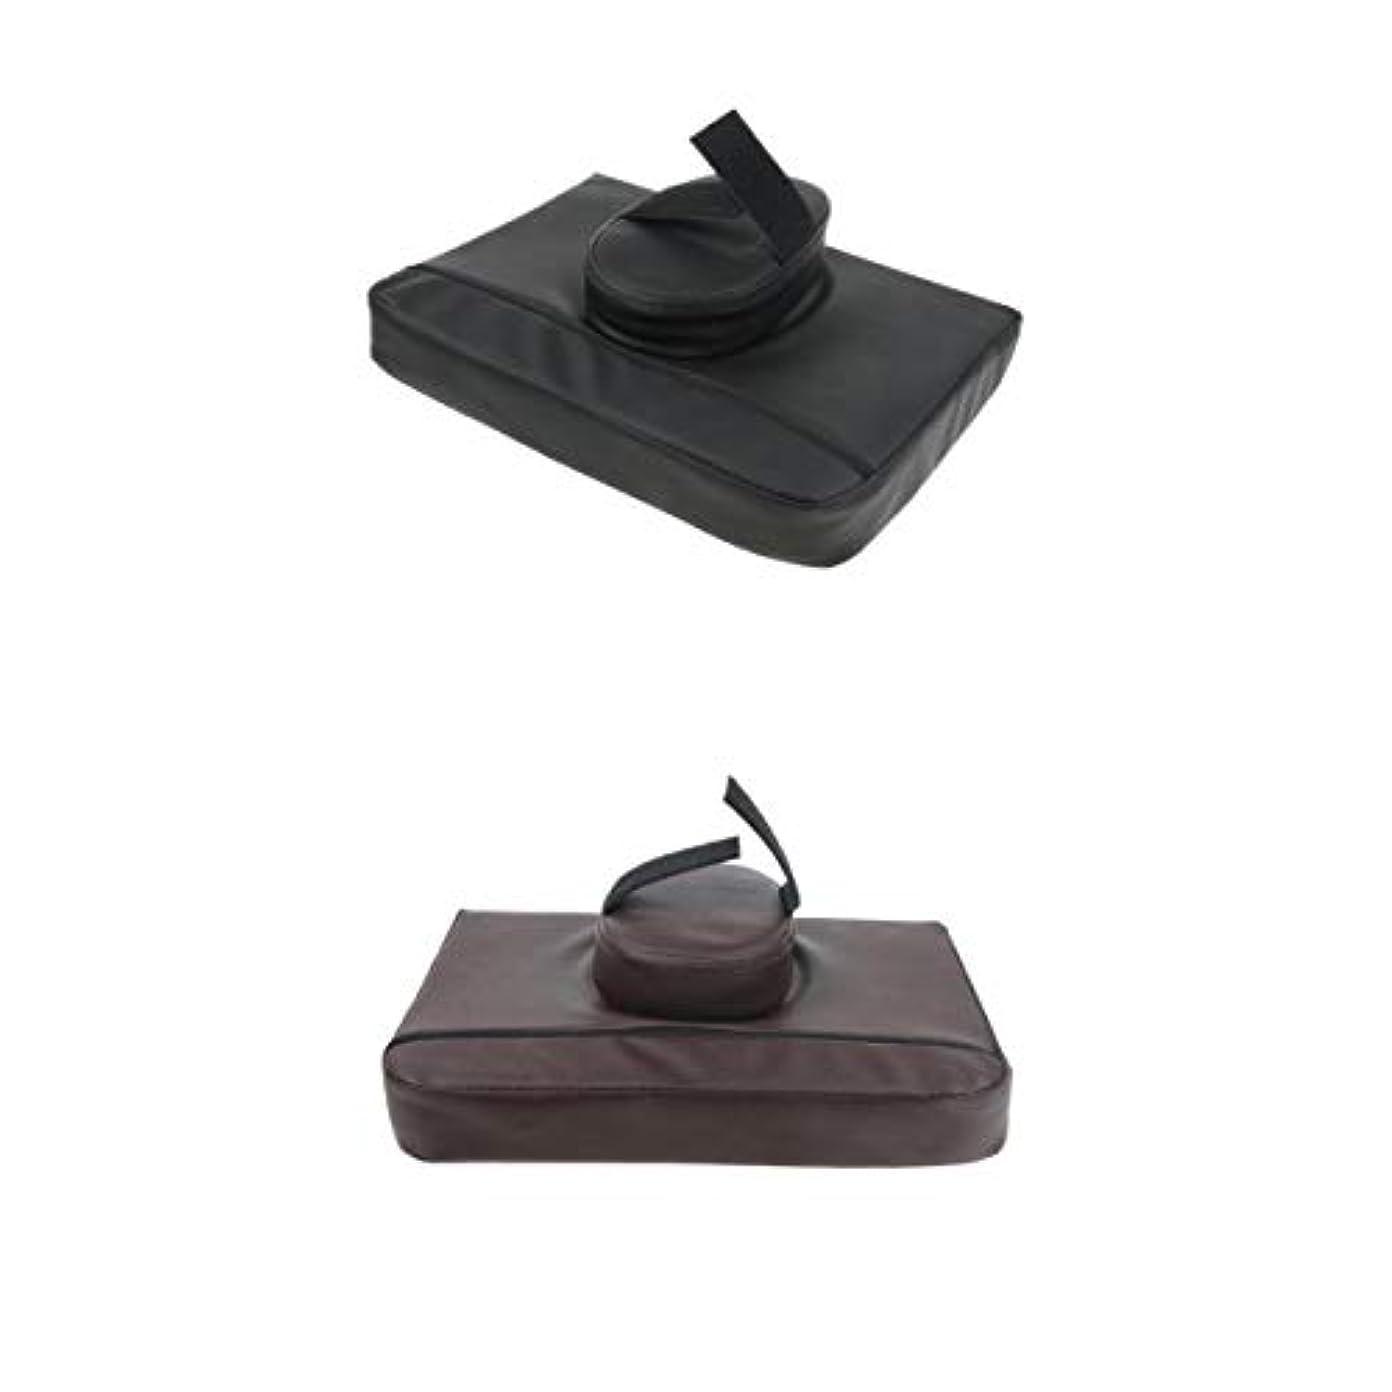 礼拝ストリップ王室マッサージクッション マッサージ枕 マッサージピロー スクエア マッサージテーブル用 通気性 2個入